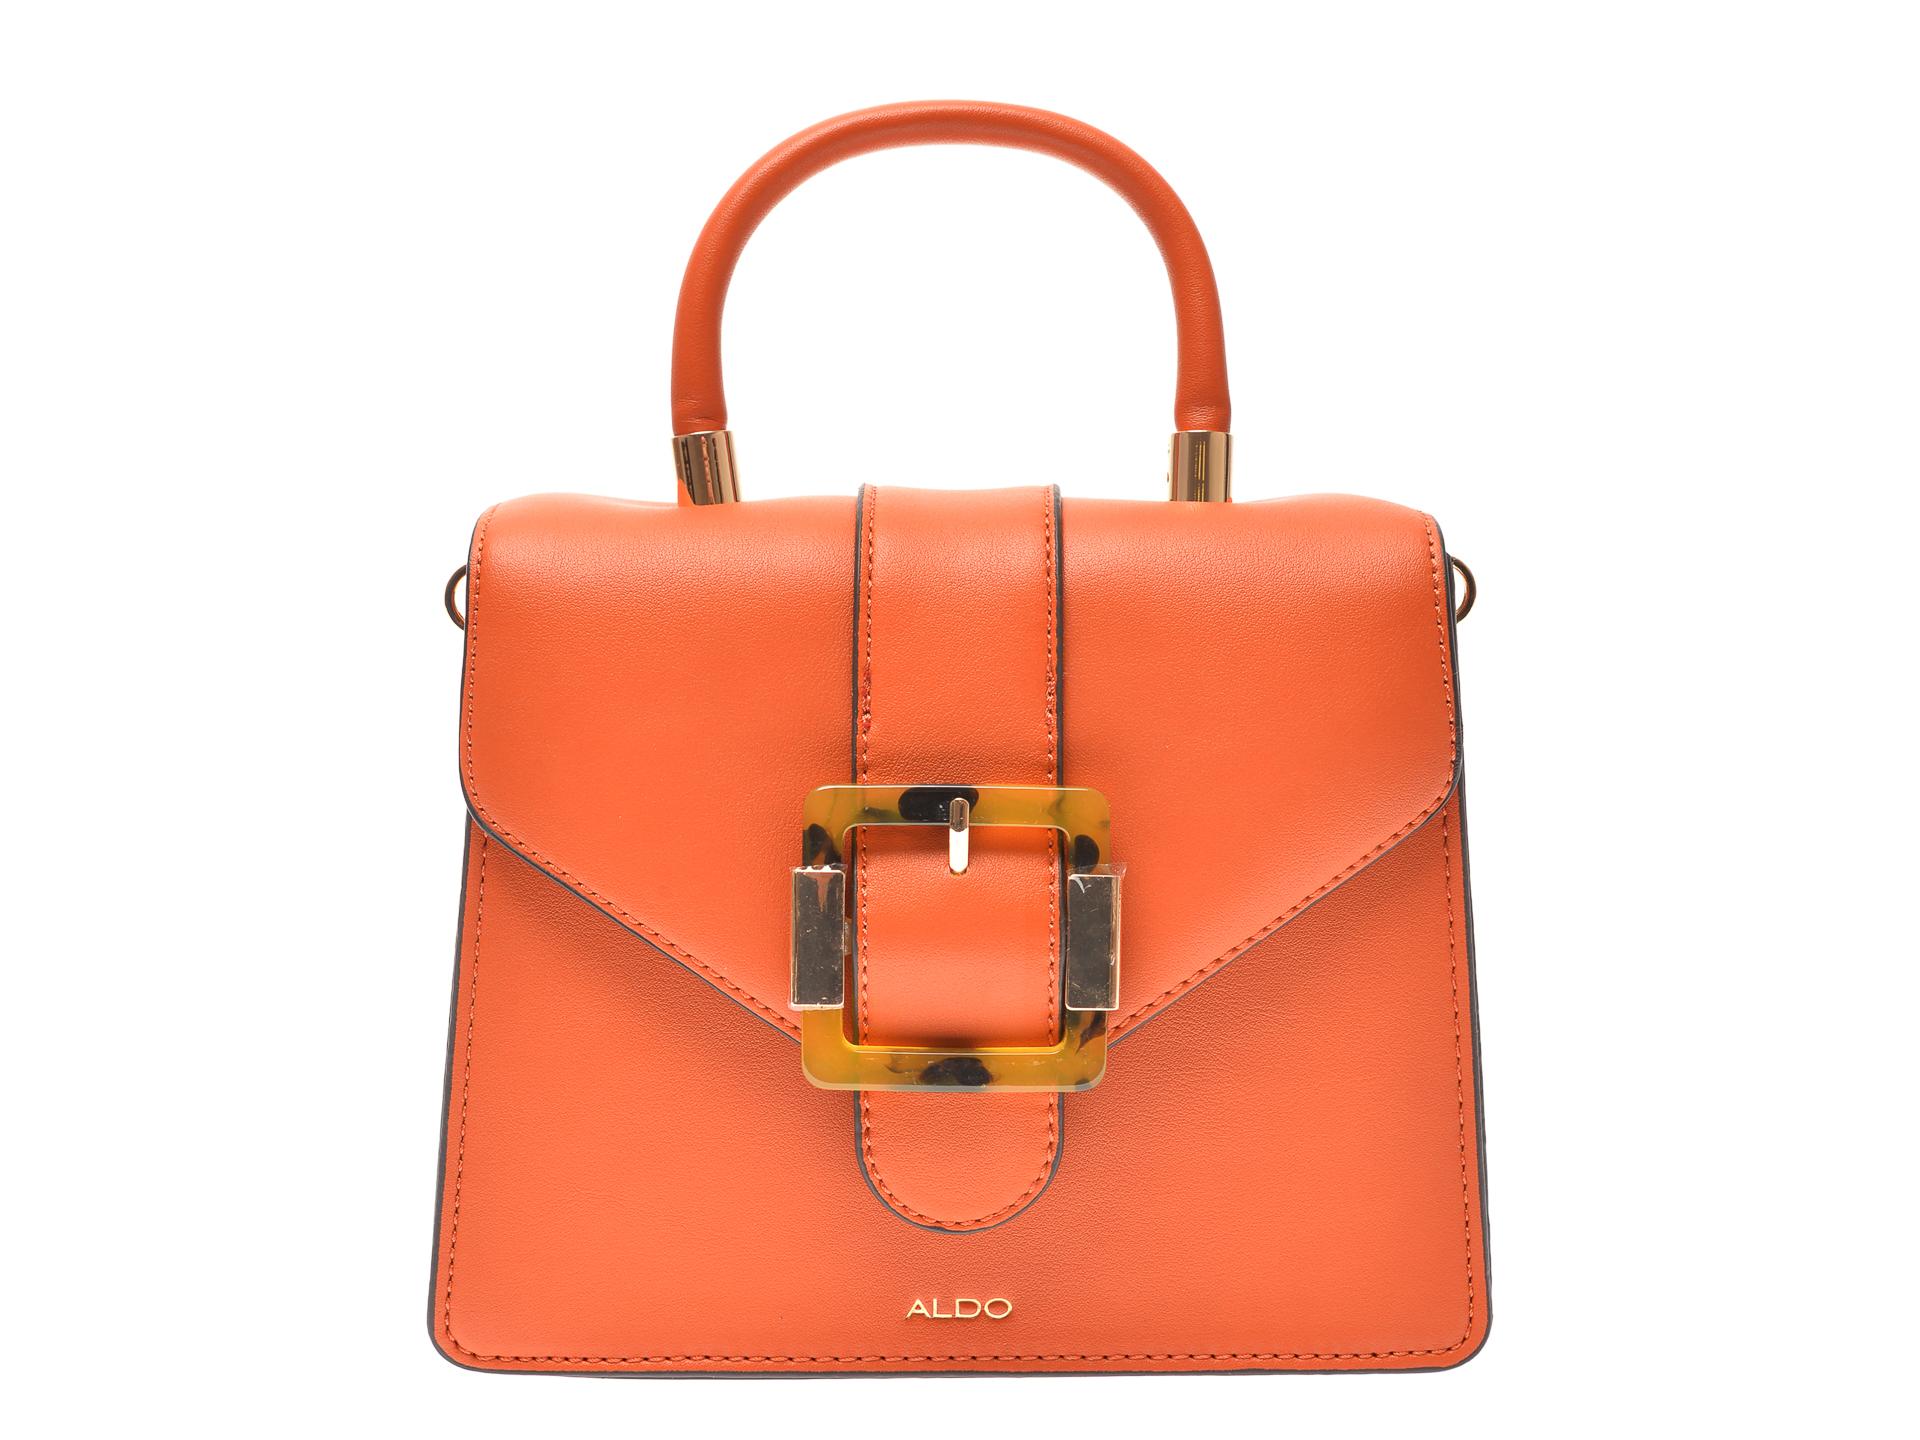 Poseta ALDO portocalie, Bertra801, din piele ecologica imagine